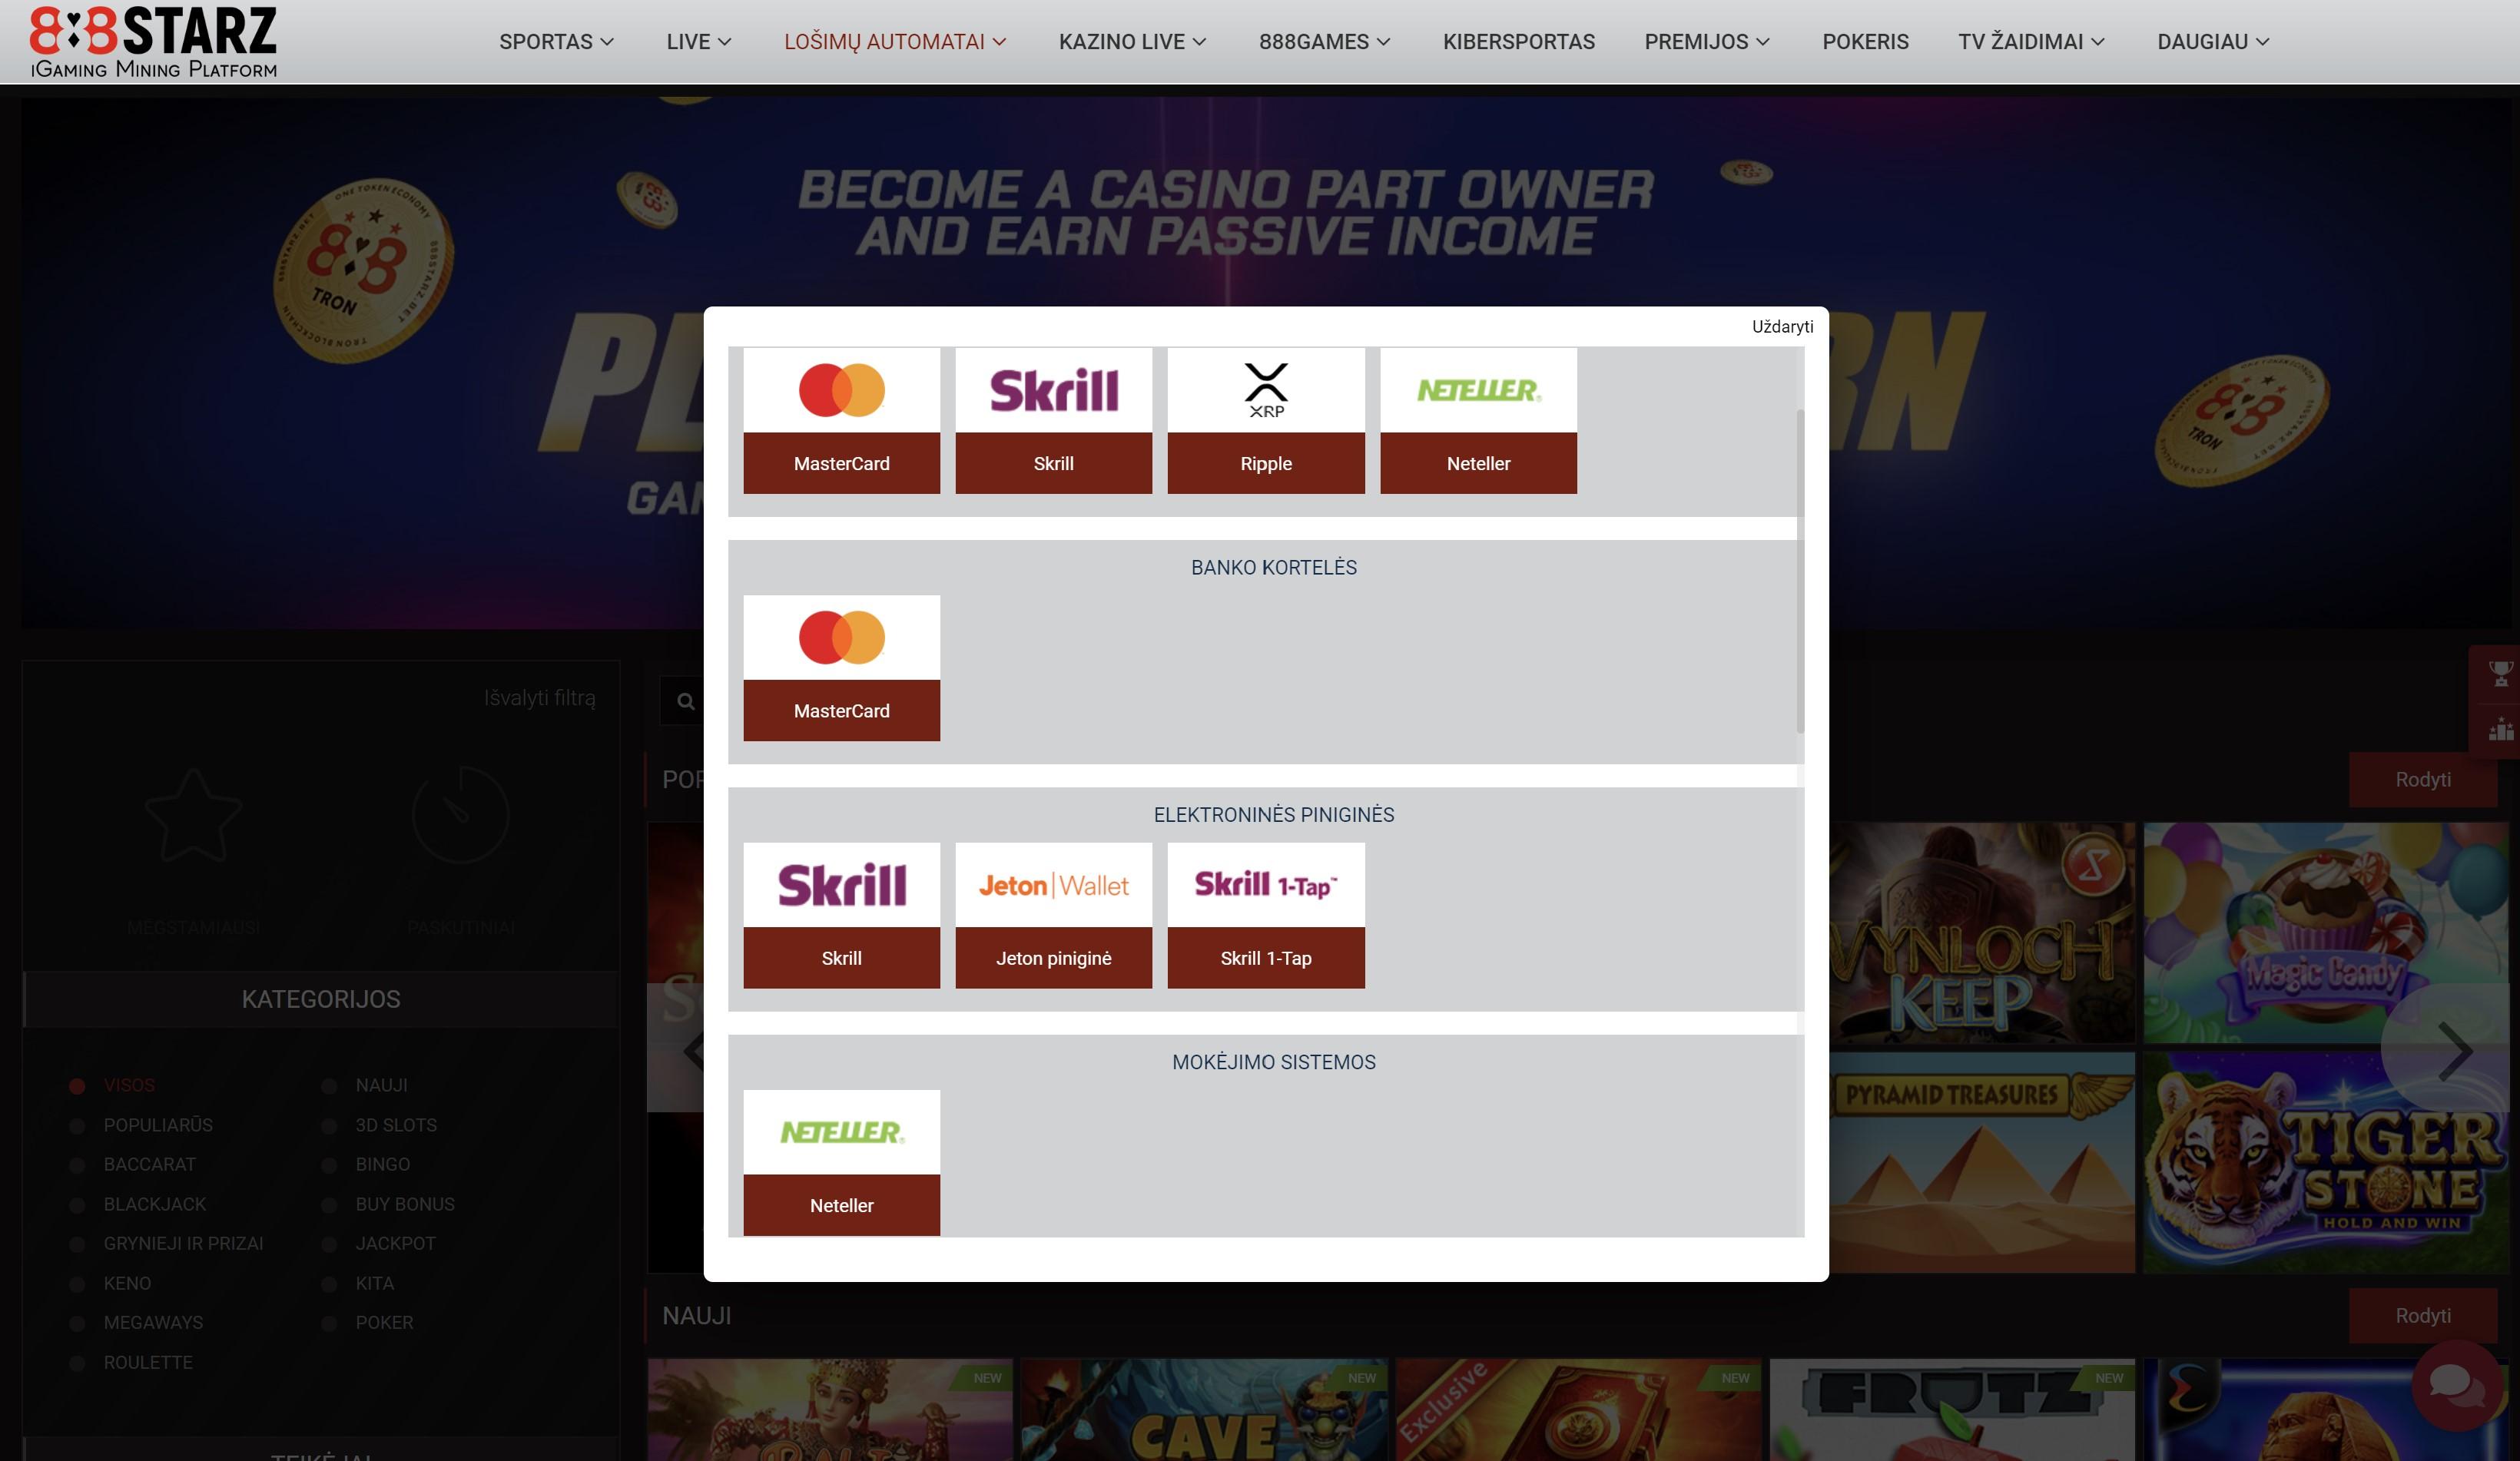 888starz mokėjimo metodai mastercard skrill neteller ripple kriptovaliutos